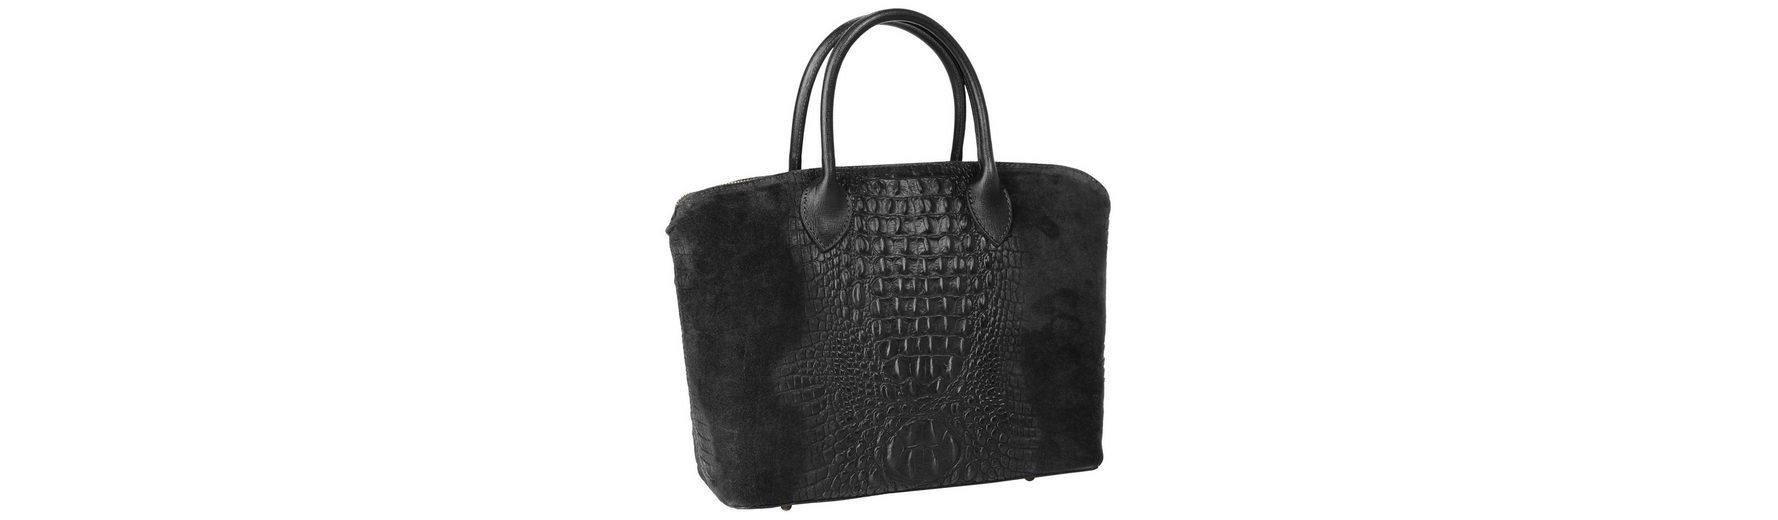 Cluty Handtasche Spielraum Wählen Eine Beste Footlocker Abbildungen Günstigen Preis Online-Verkauf Online Am Billigsten Discount Versandkosten Frei ucAW7zU